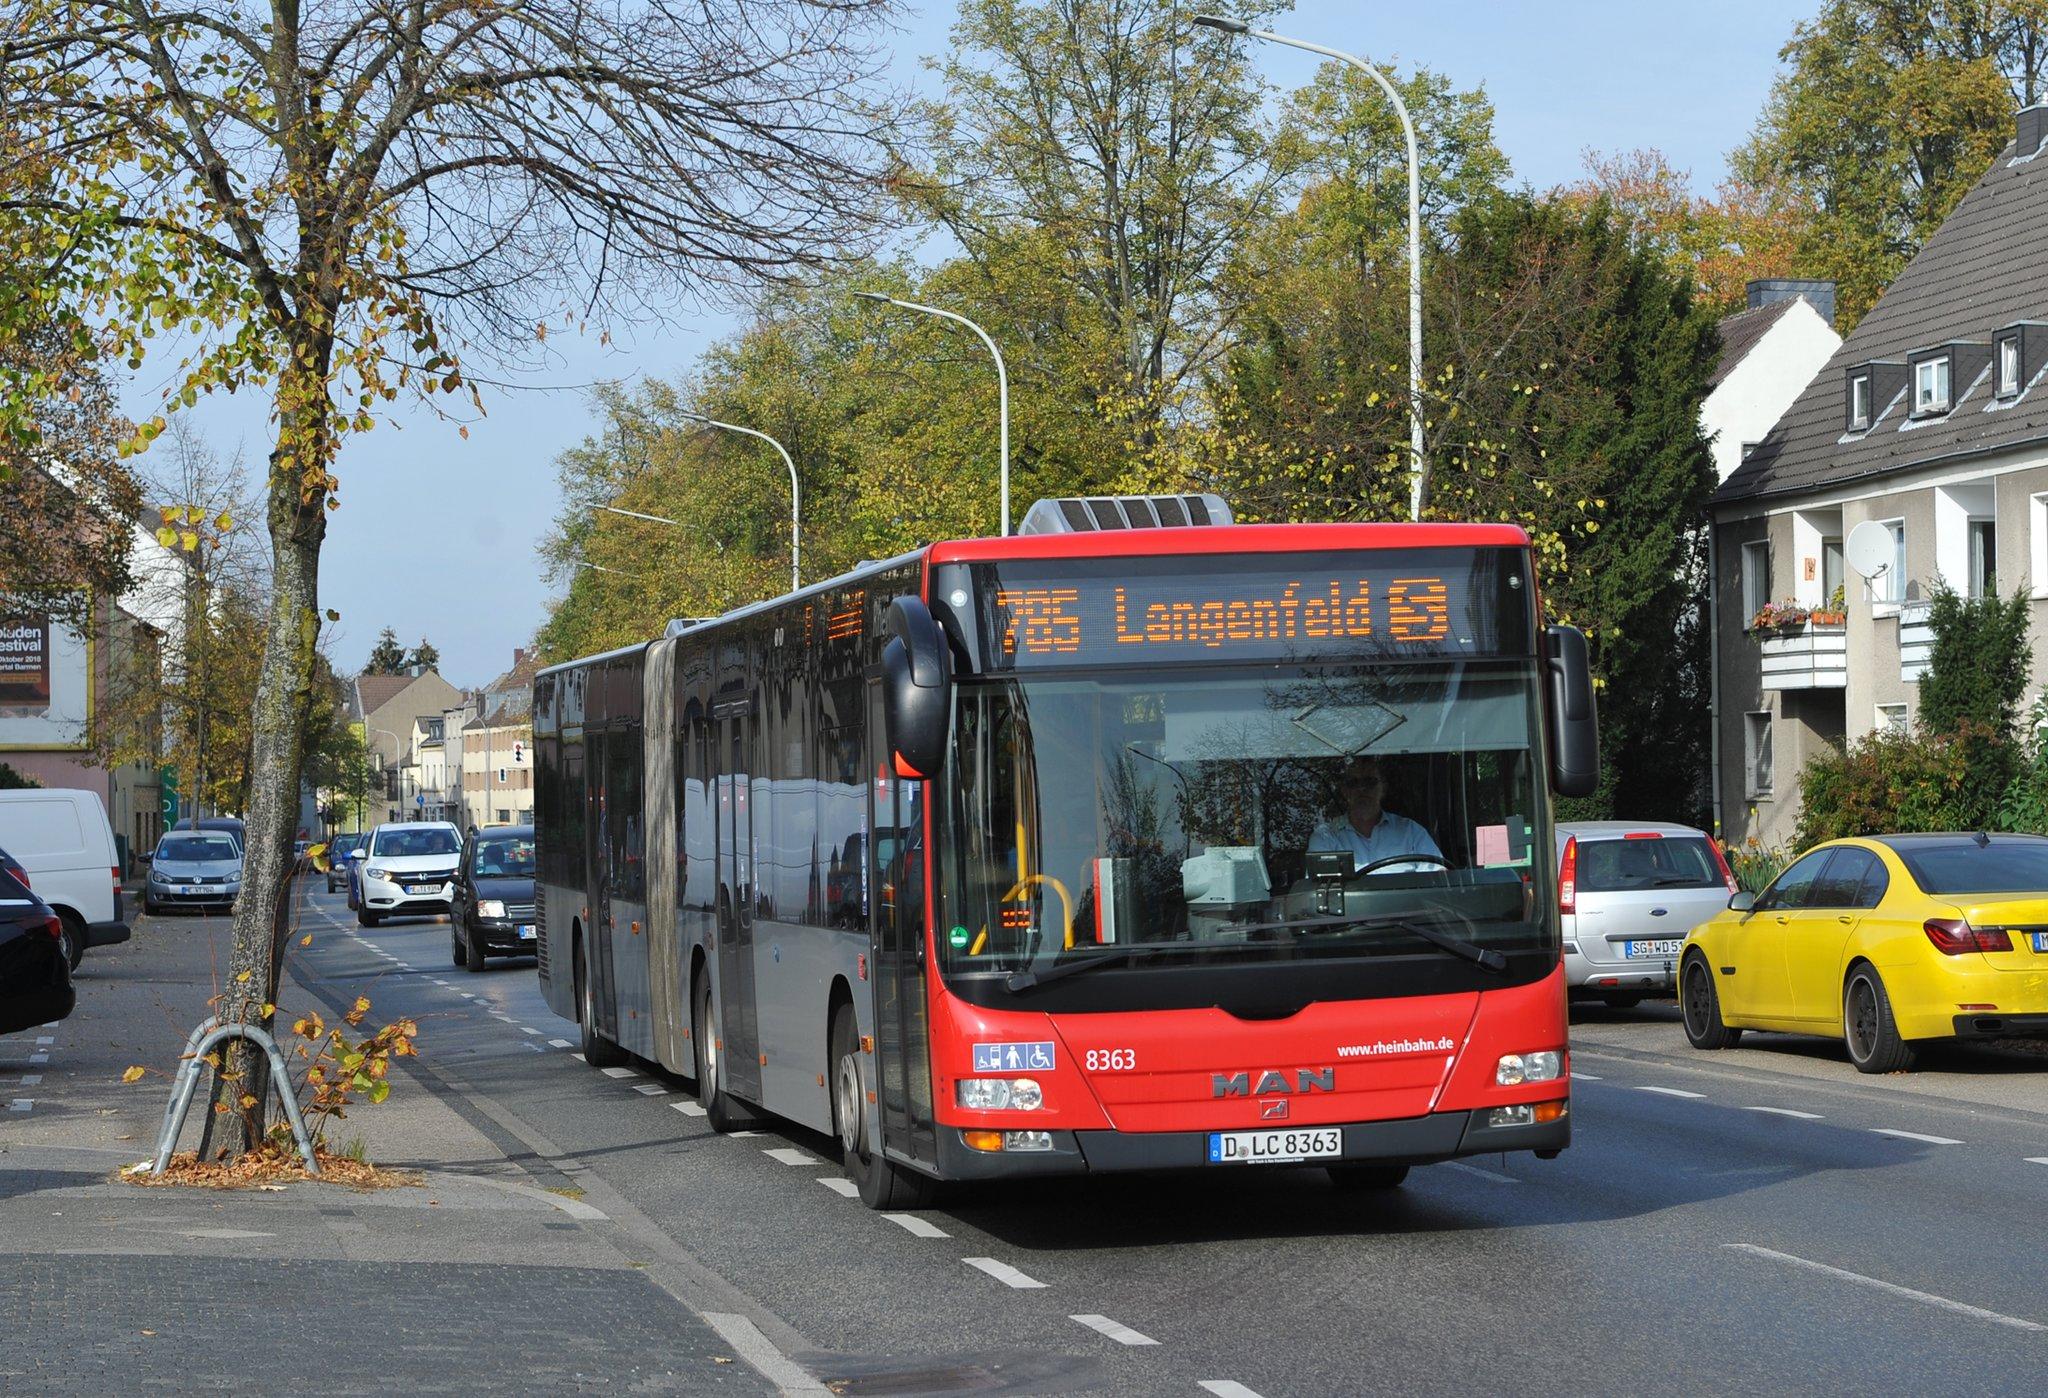 Teilweise Sperrung der Kreuzung Kirchhofstraße/Talstraße: Hilden: Sechs Buslinien fahren Umleitungen - Hilden - Lokalkompass.de